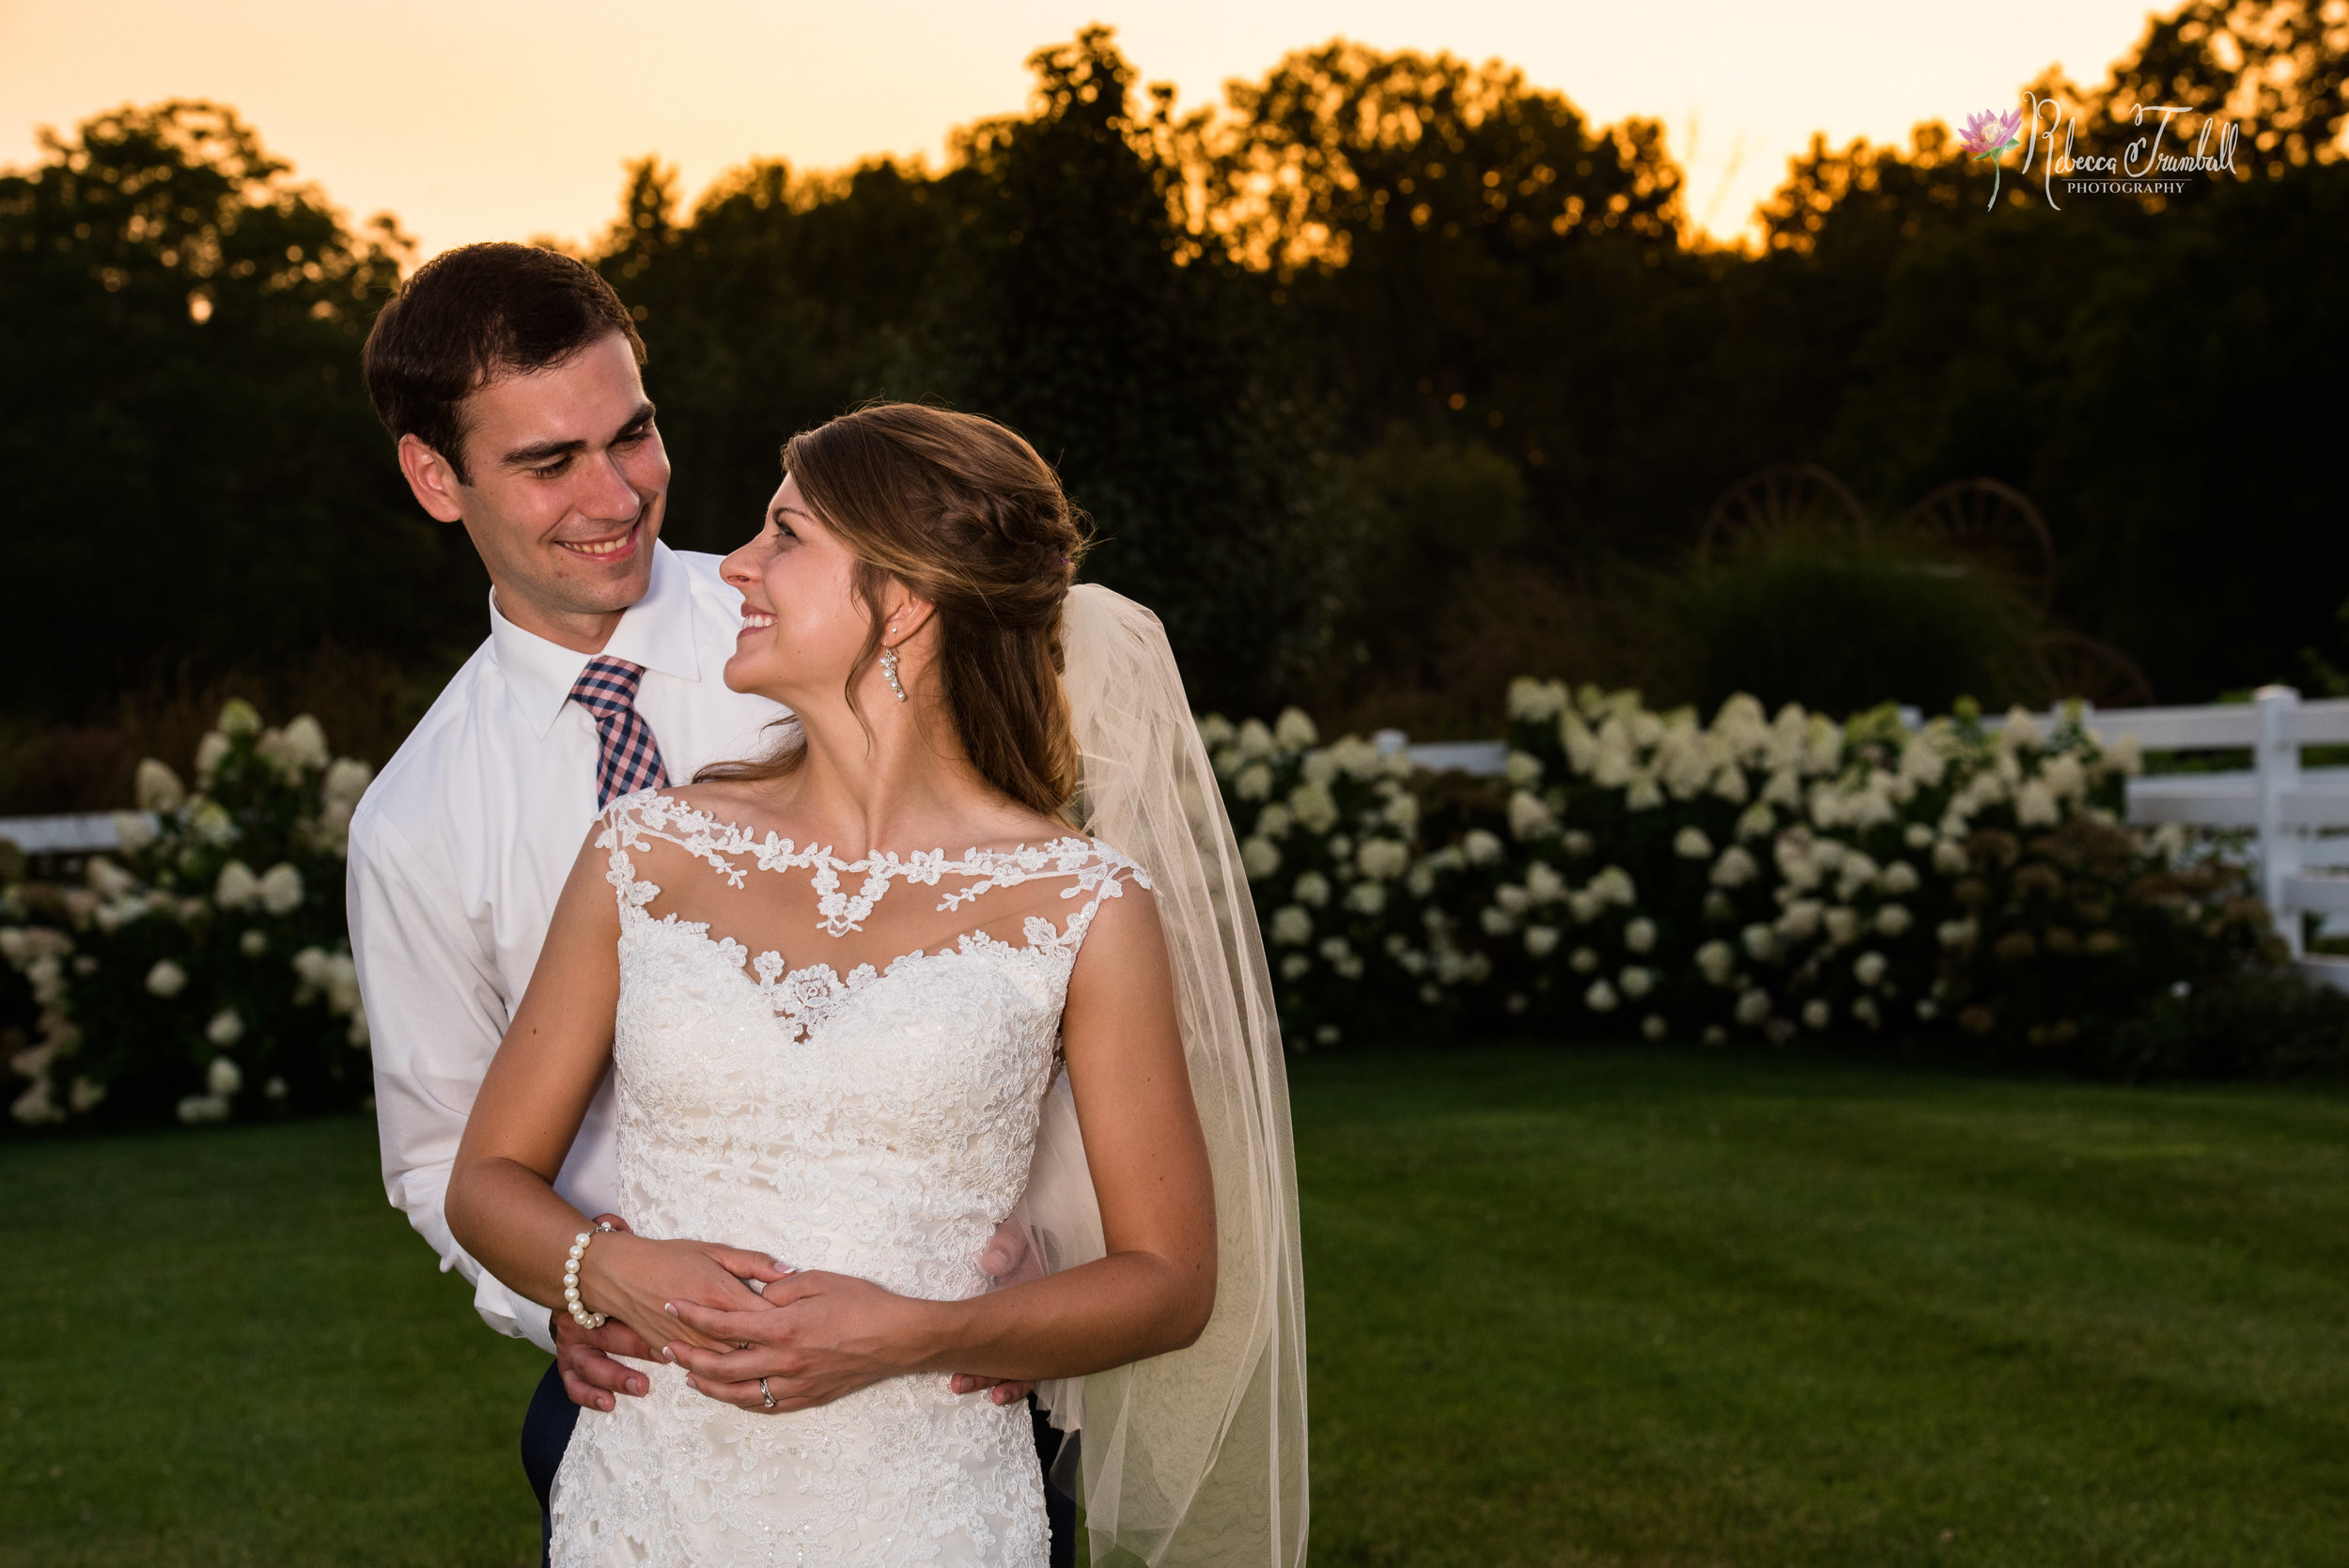 toledo area wedding photography-26.jpg